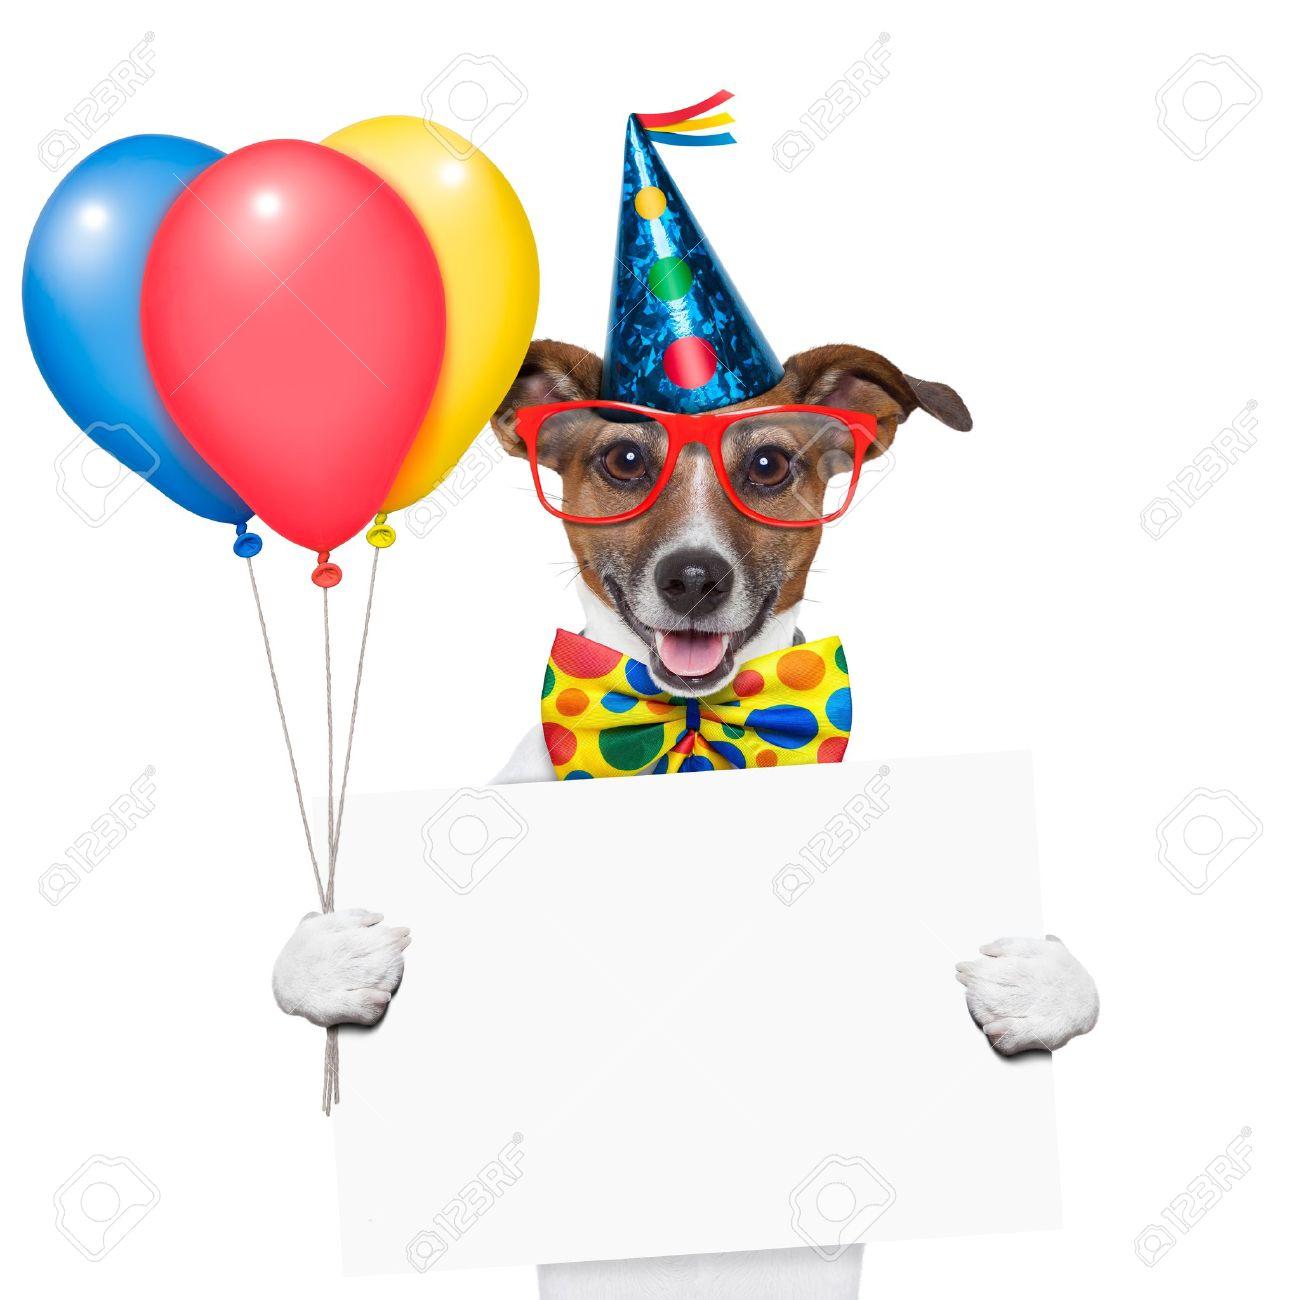 Geburtstag Hund Mit Luftballons Und Einem Weissen Plakat Lizenzfreie